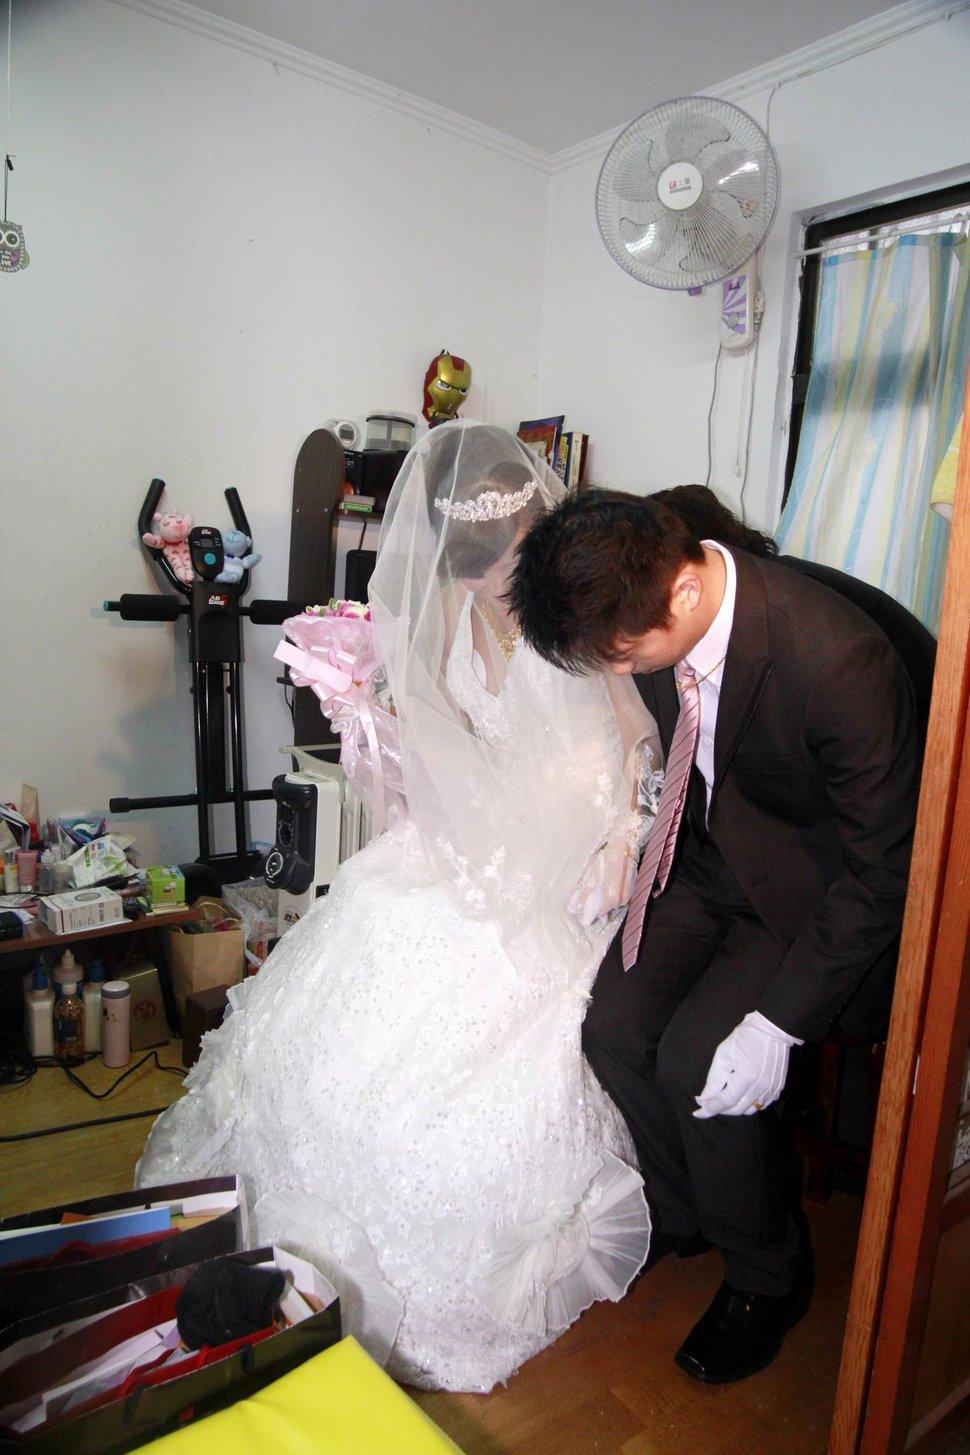 蜜月婚攝新莊美食喜相逢餐廳會館結婚迎娶儀式晚宴婚禮記錄動態微電影錄影專業錄影平面攝影婚攝婚禮主持人(編號:270505) - 蜜月拍照10800錄影12800攝影團隊 - 結婚吧